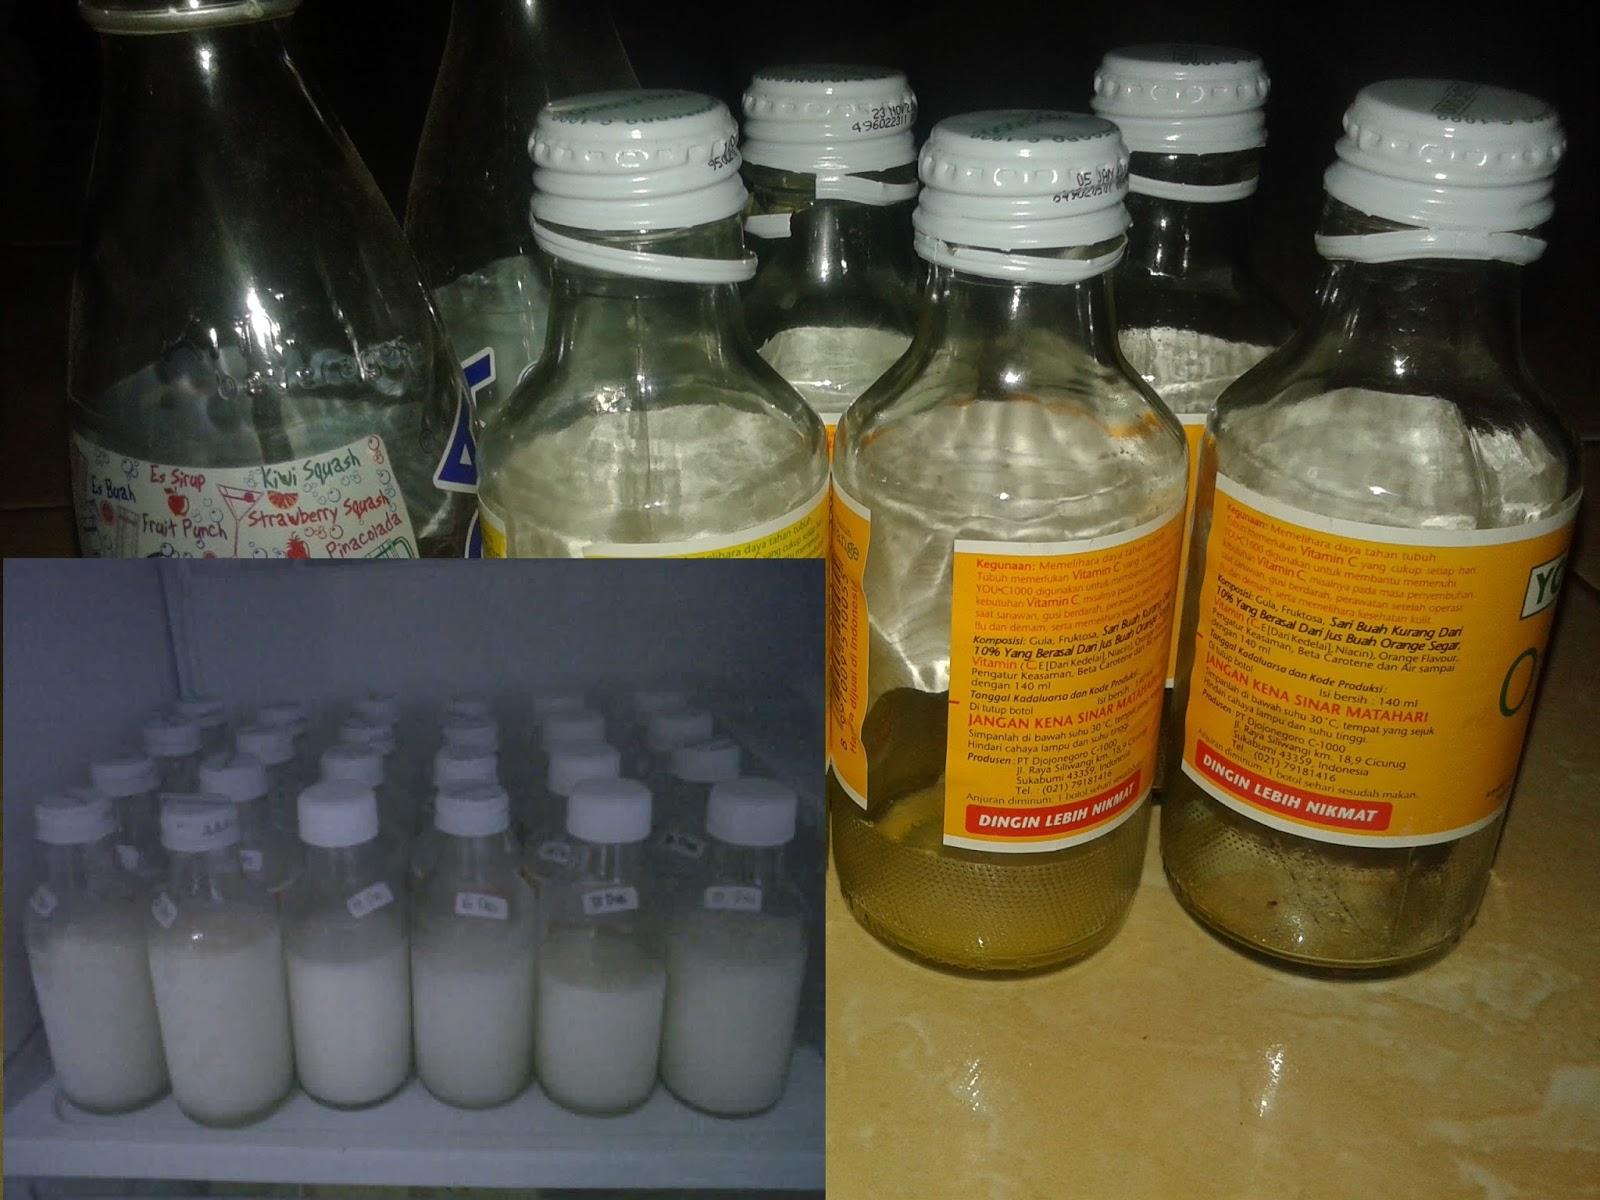 Botol Bekas Aman Untuk Menyimpan ASI  SAKARAN